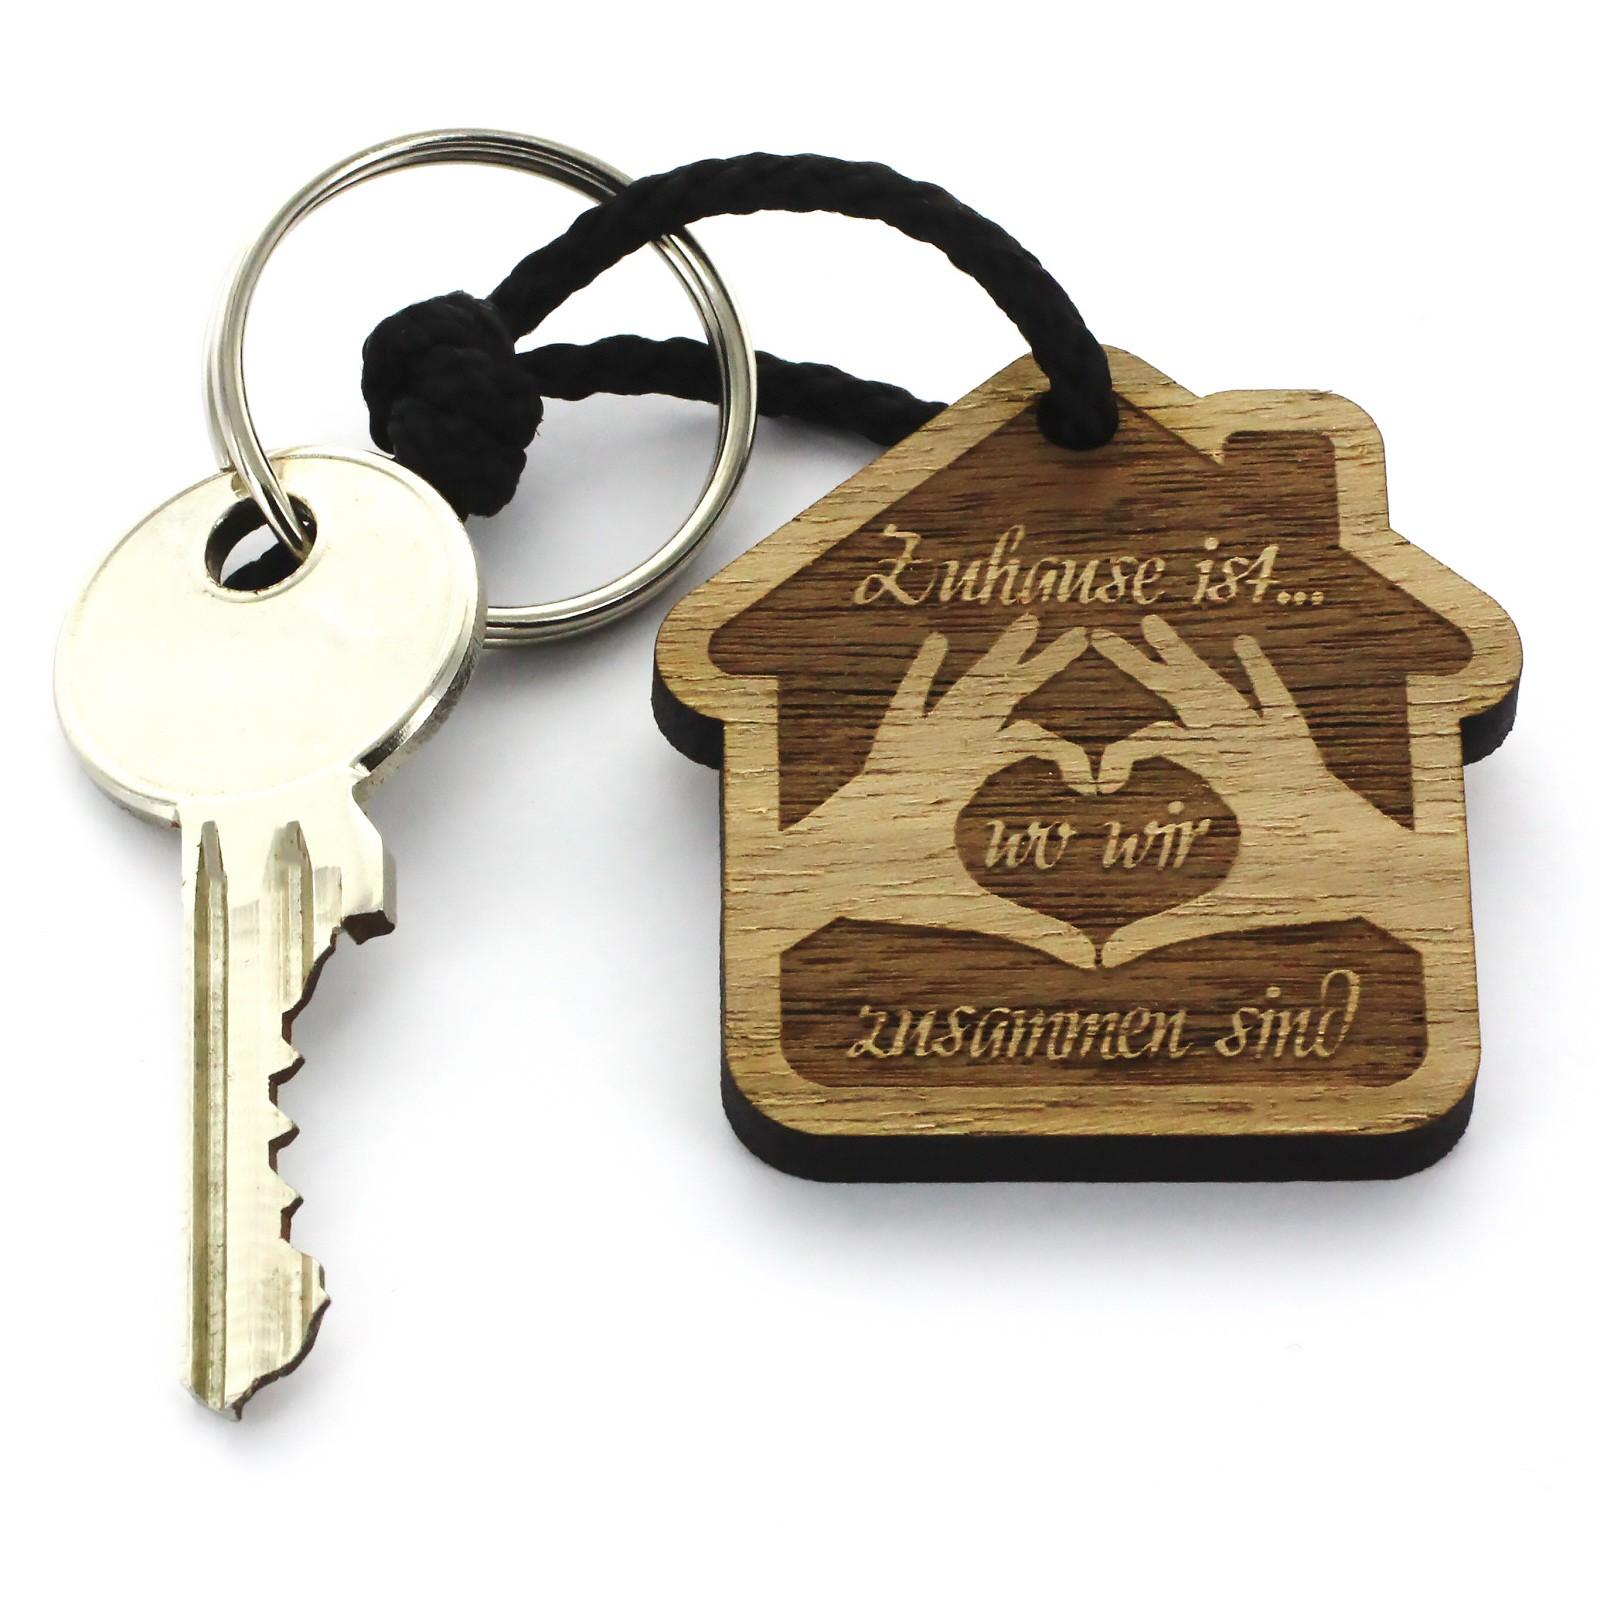 Gravur Schlüsselanhänger aus Holz - Modell: Zuhause ist...